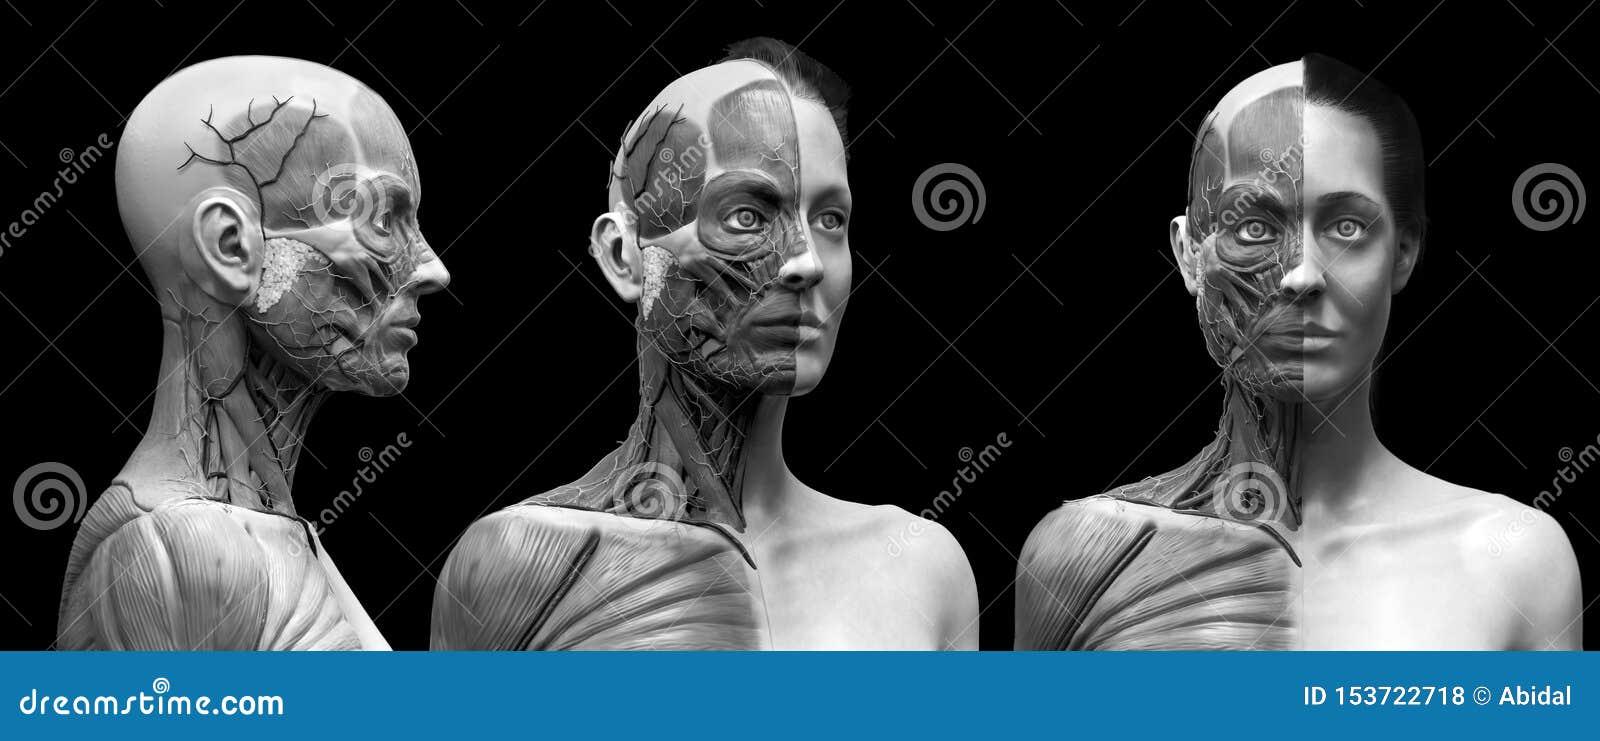 人体解剖学女性的肌肉结构